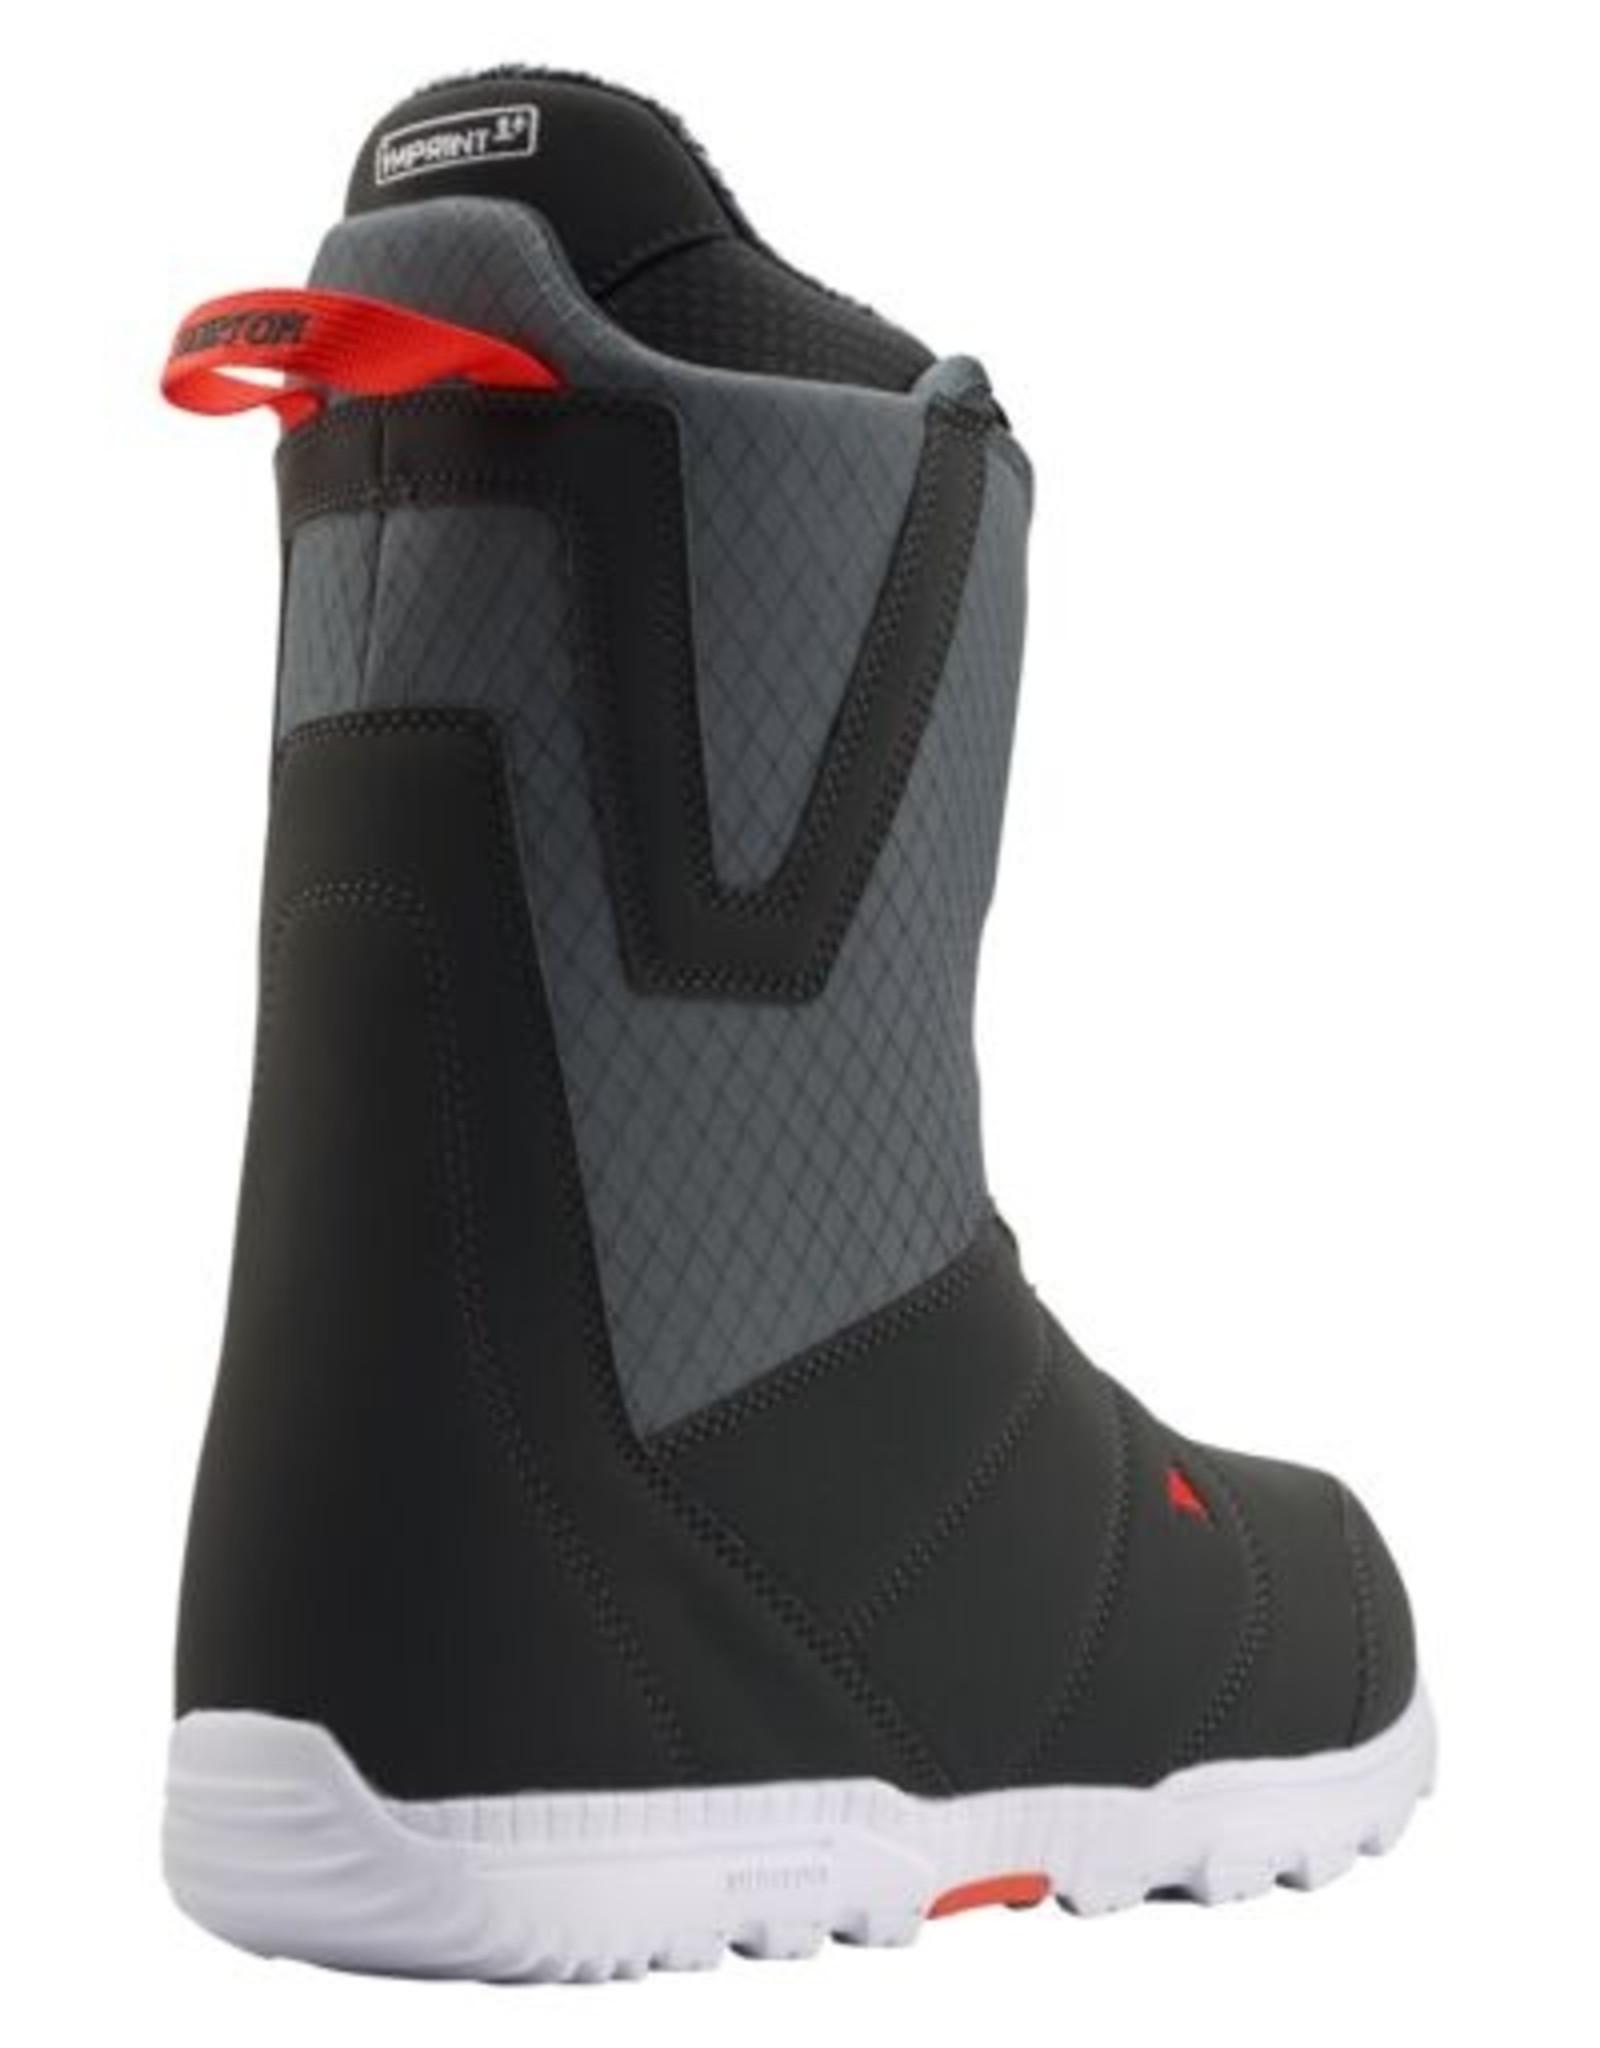 Burton Men's Moto Boa® Snowboard Boot - Gray/Red